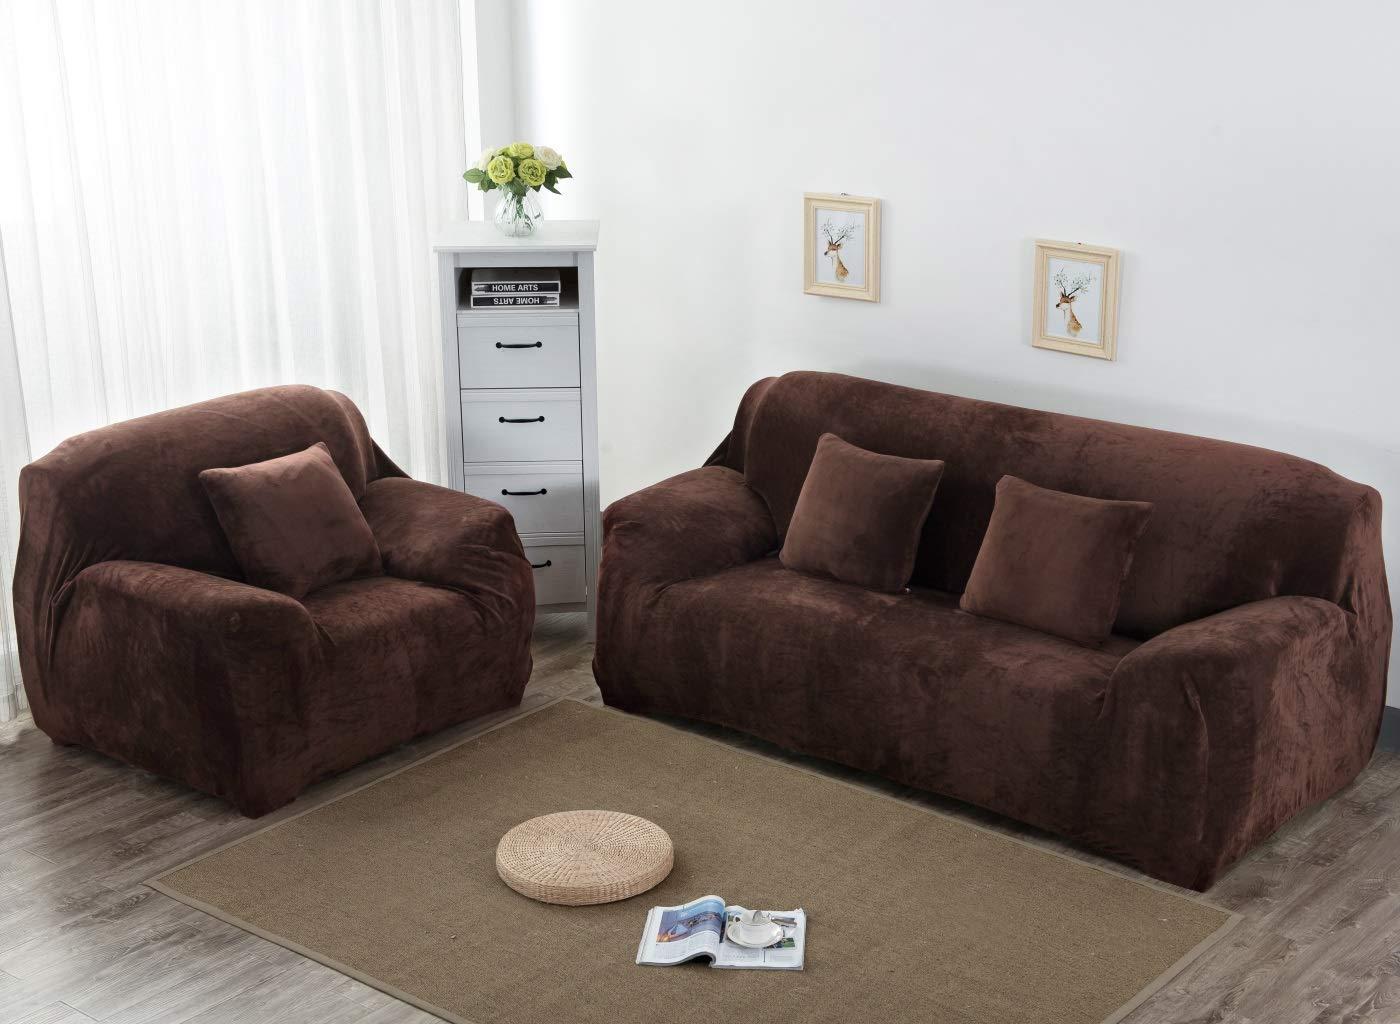 Aisaving Funda de sofá Gruesa de Terciopelo 1 2 3 4 plazas Funda de sofá elástica Antideslizante para Silla de Paseo o sofá, café, 3 ...